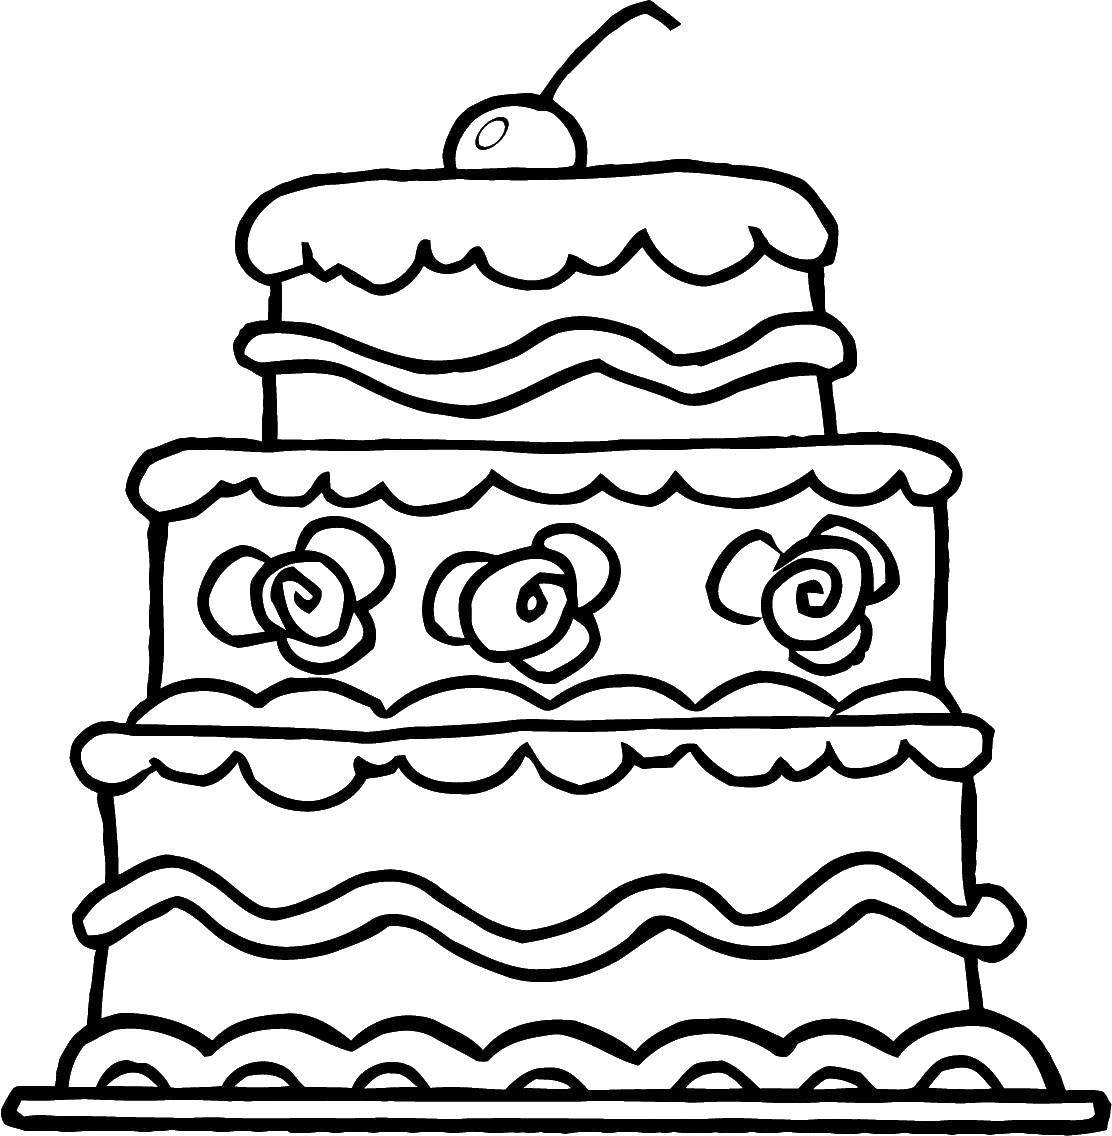 Раскраска Торт с вишенкой Скачать Торт, еда, праздник.  Распечатать ,торты,